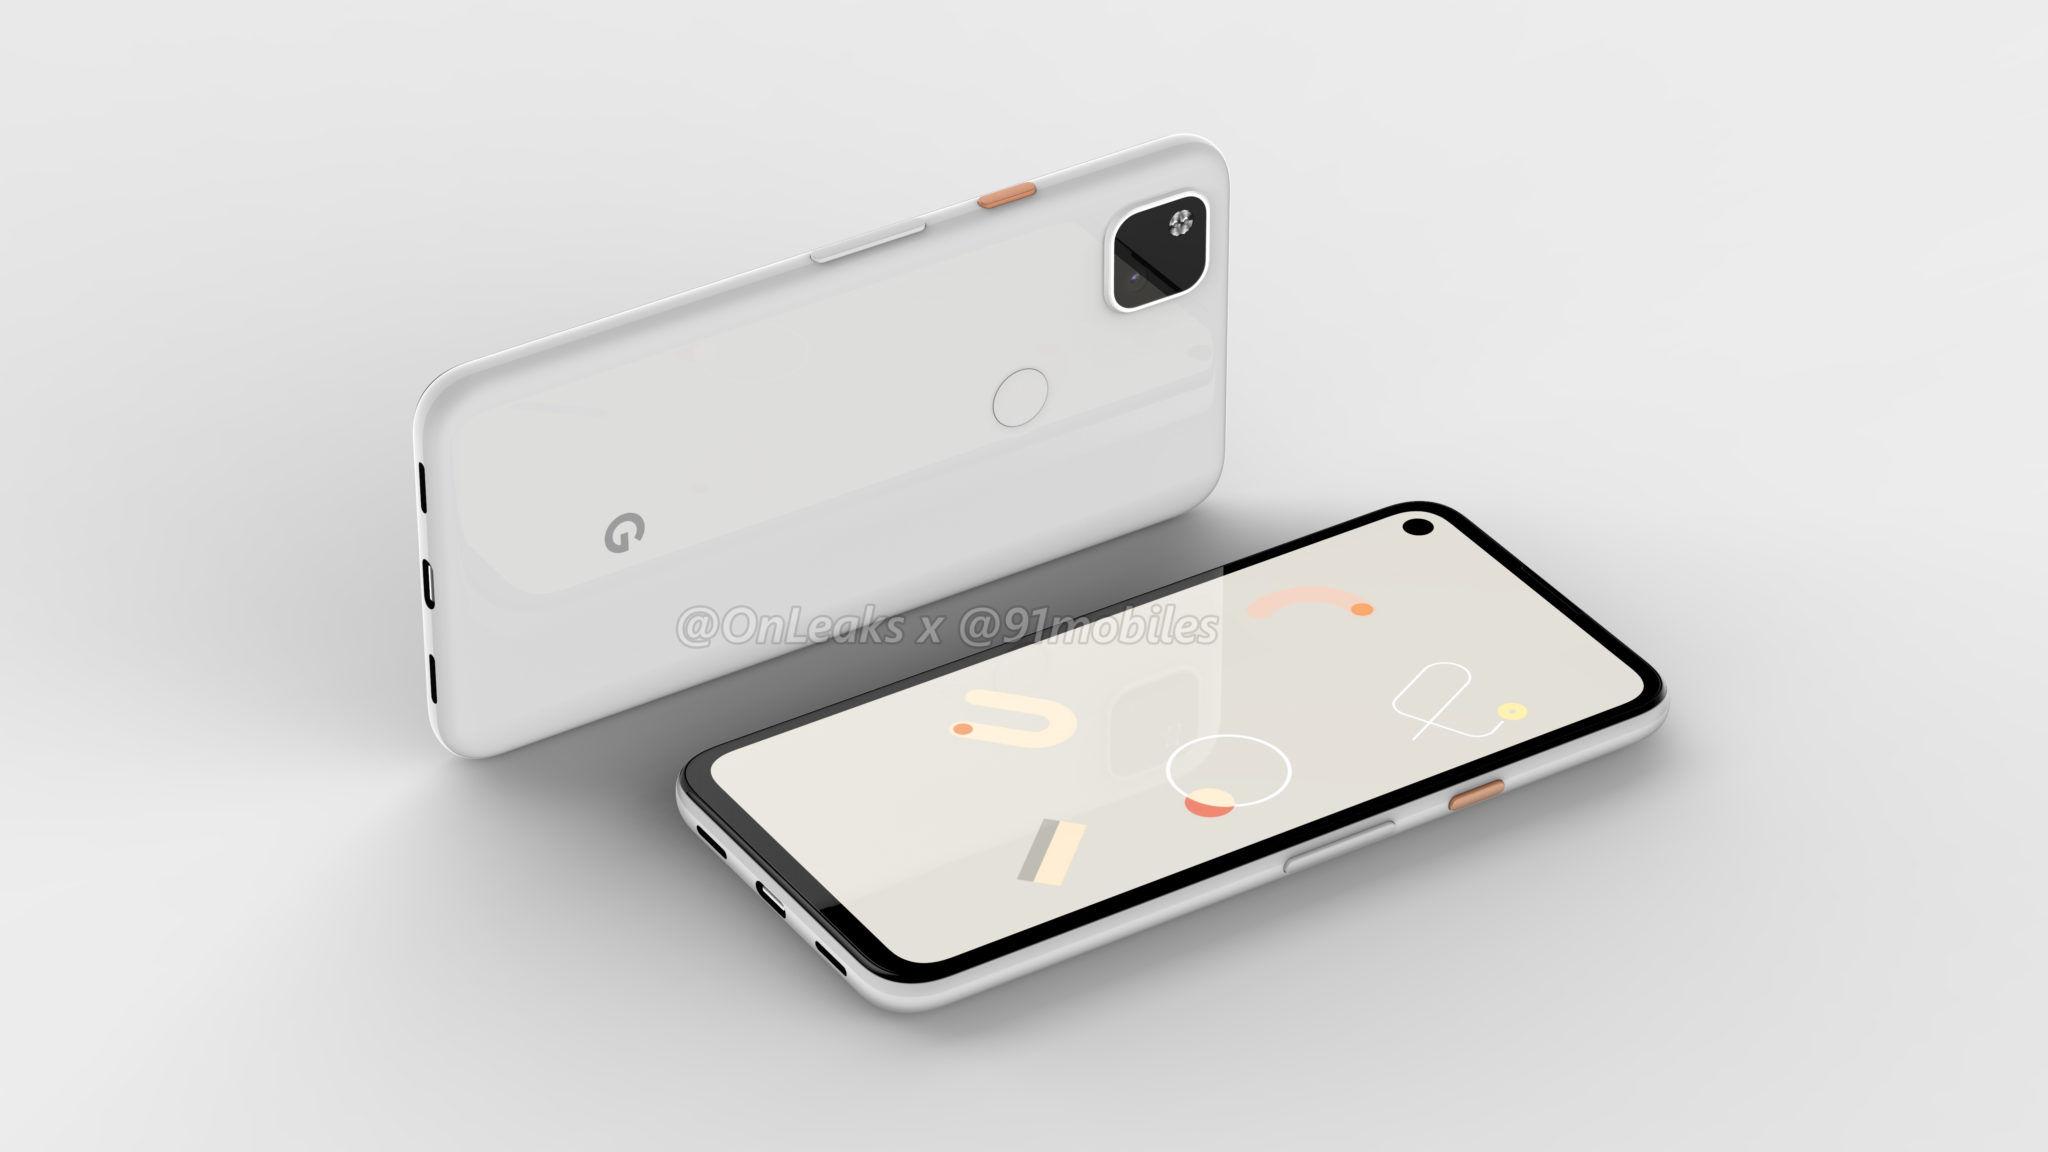 Xuất hiện tên mã hai mẫu smartphone tầm trung của Google, trong đó một máy trang bị chip 5G